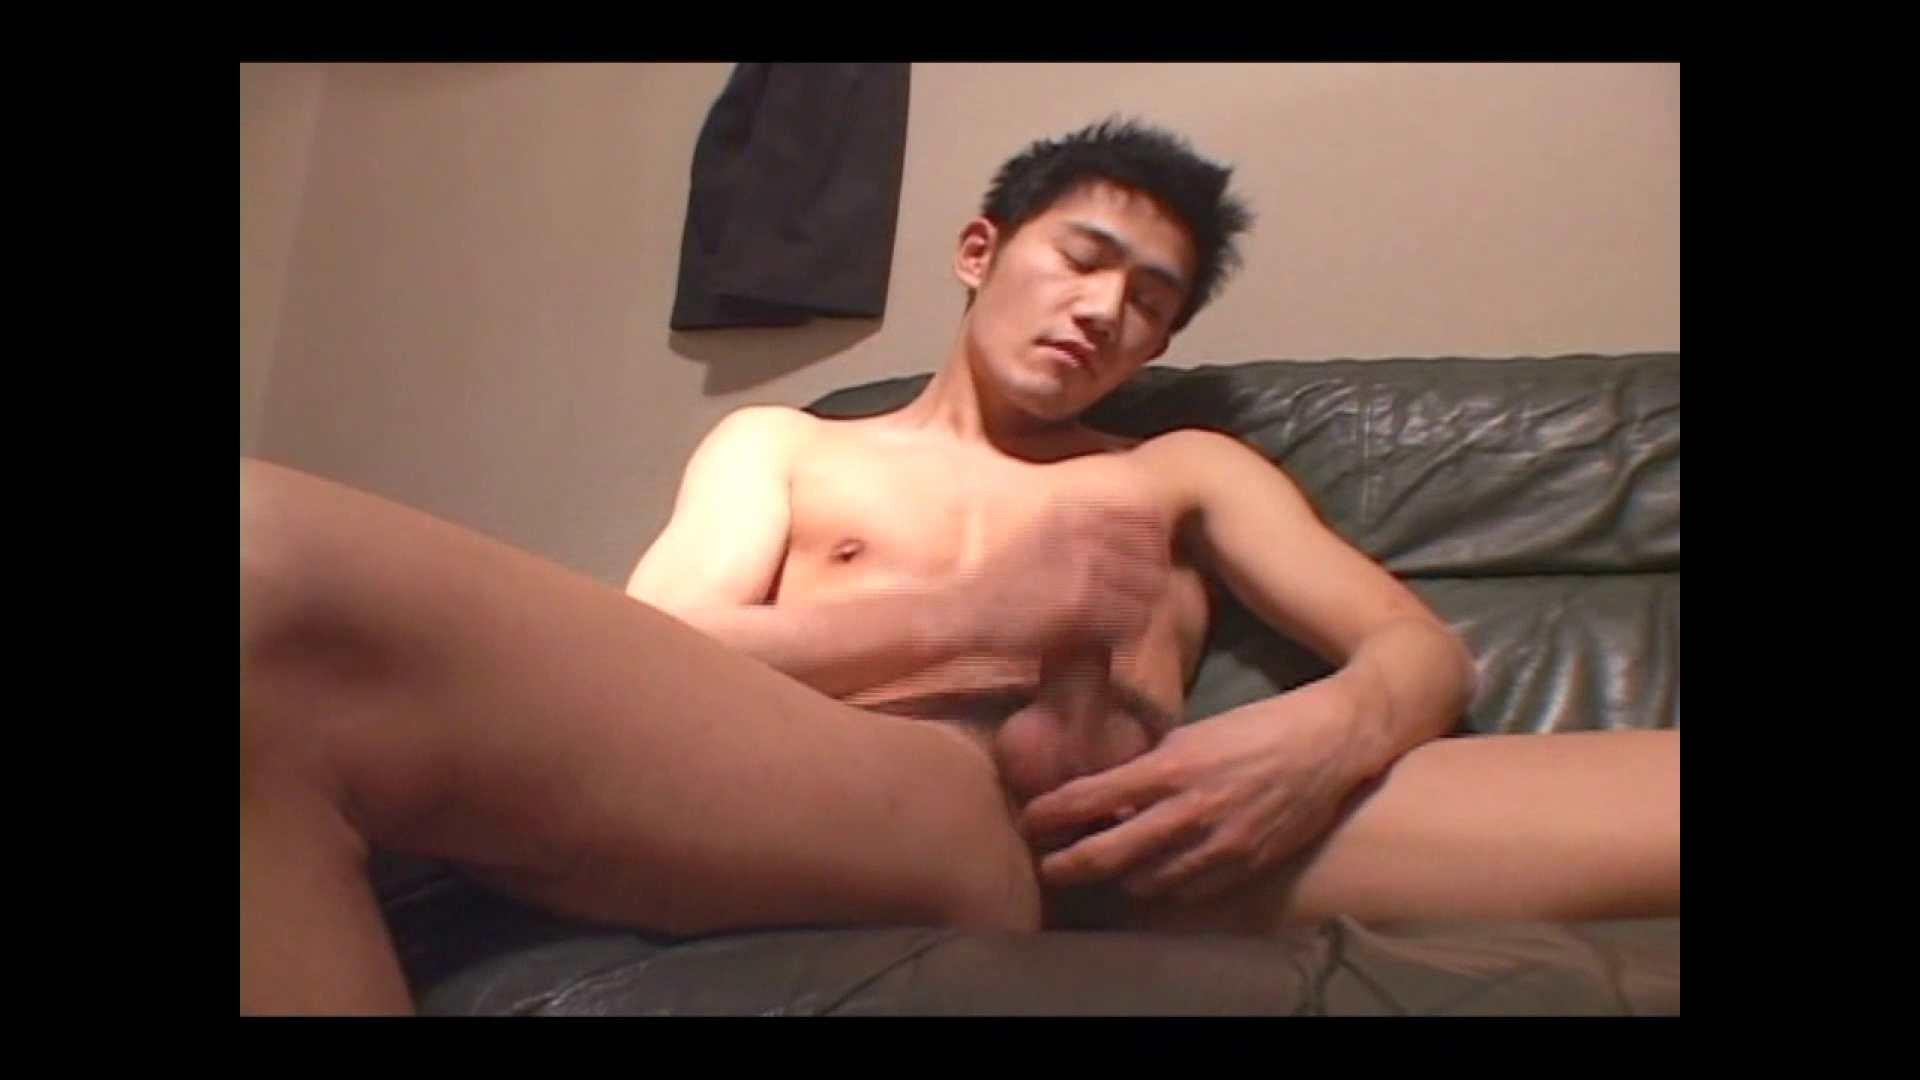 ノンケイケメンの欲望と肉棒 Vol.12 肉にく男子 | イケメンのゲイ達  65枚 41